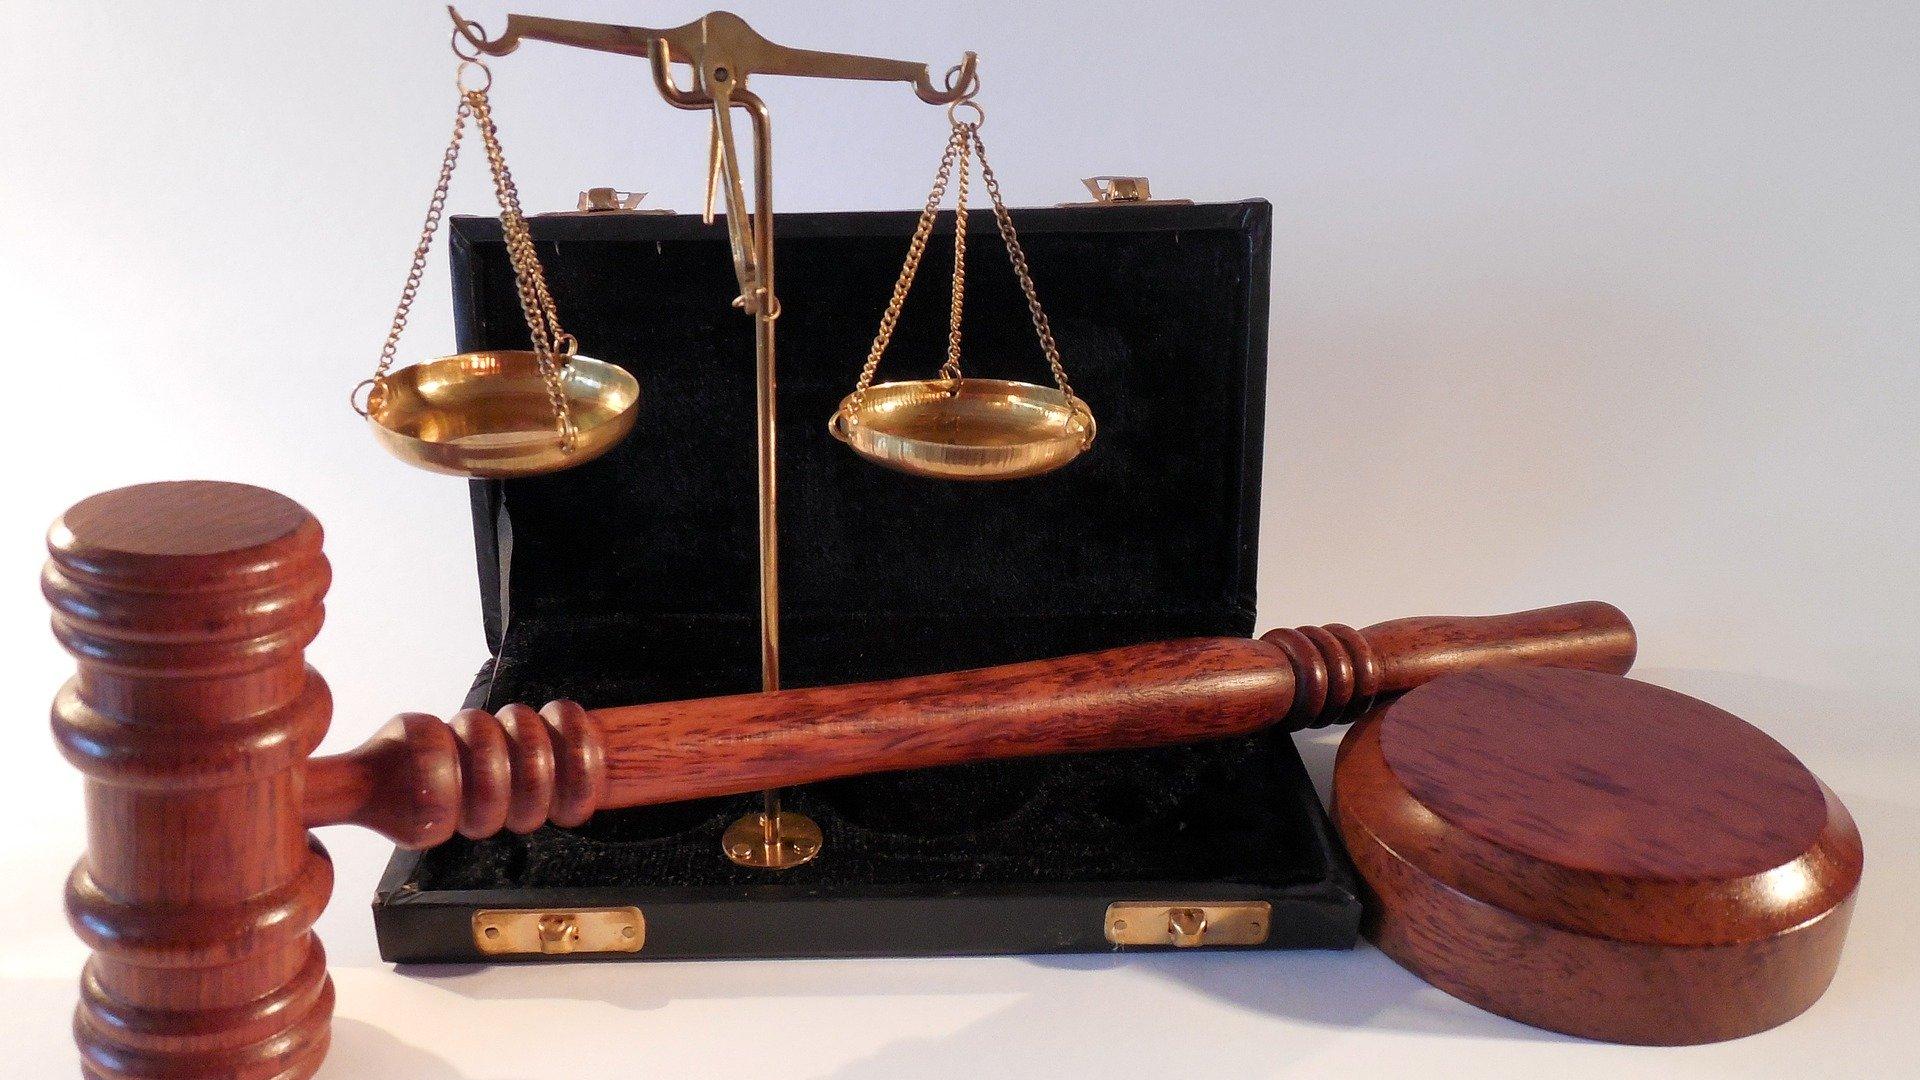 La sicurezza in tribunale; come rispondere agli organi ispettivi e al giudice